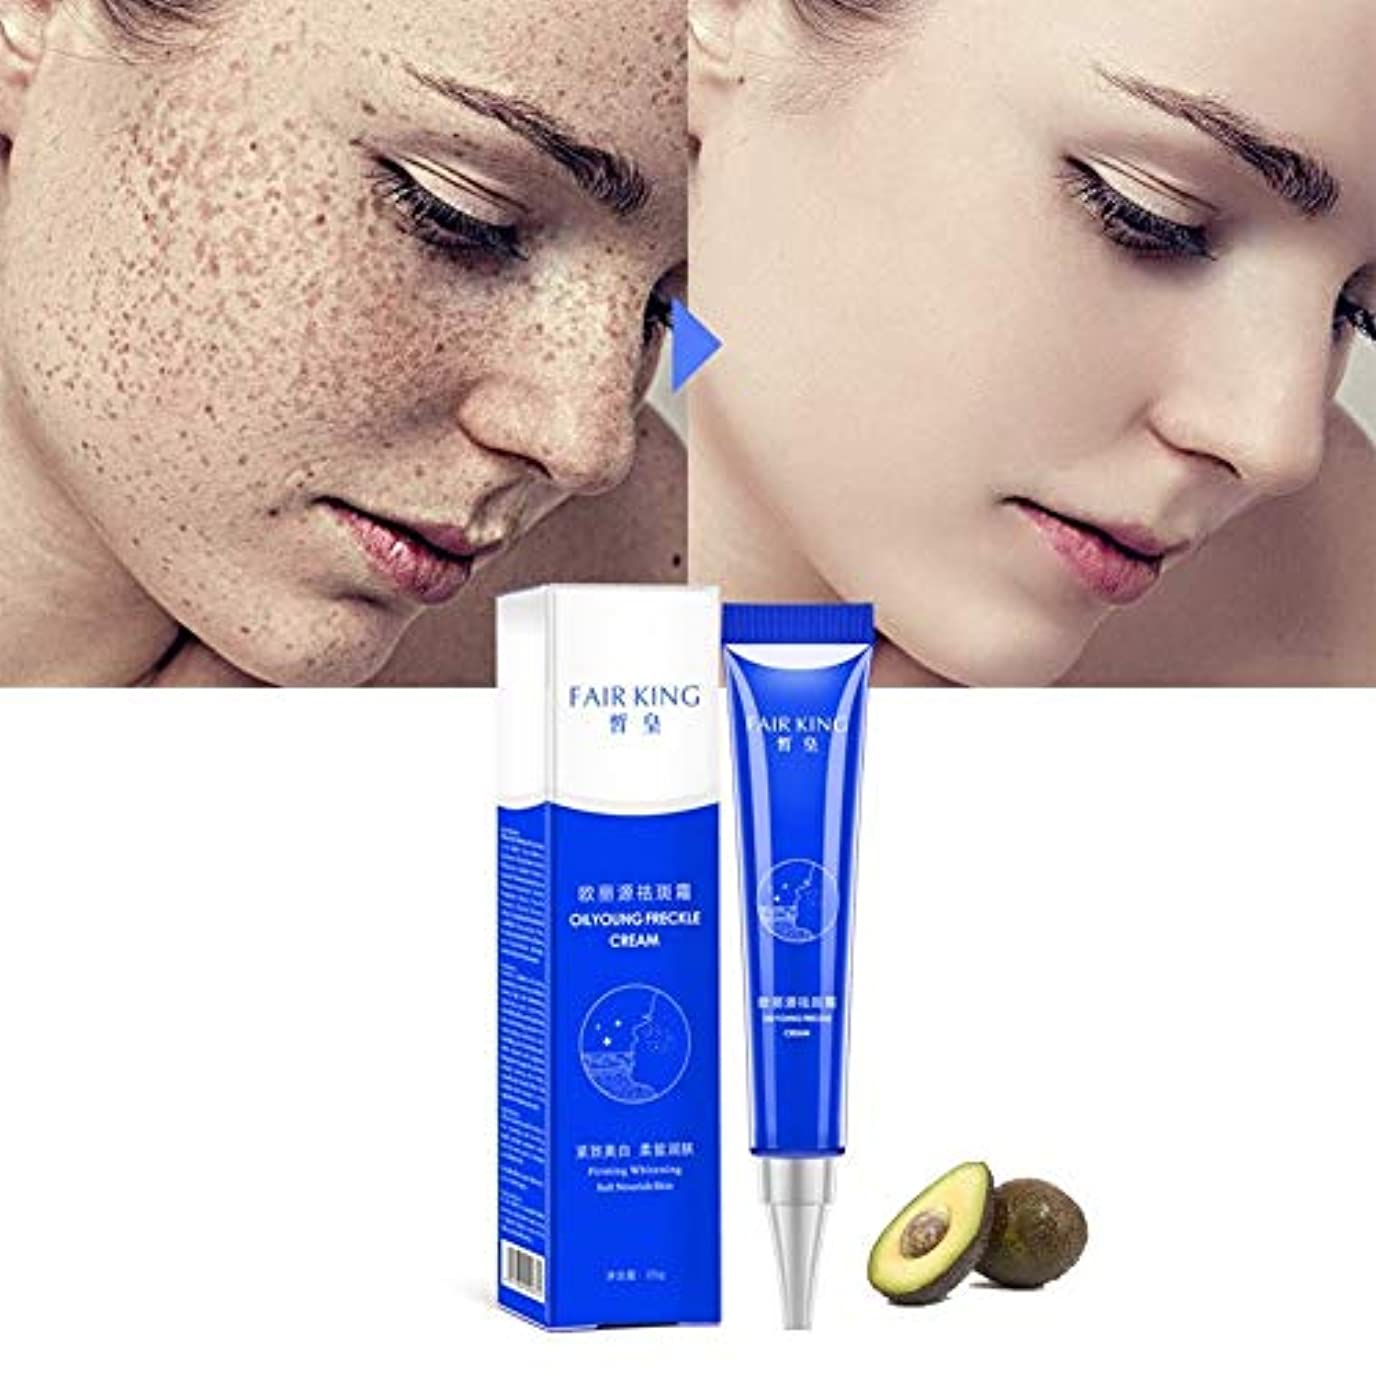 流行しているリサイクルする伝説効果的な美白そばかすクリーム保湿は、黒ずみのにきび治療顔料メラニン美白スキンケアを削除します